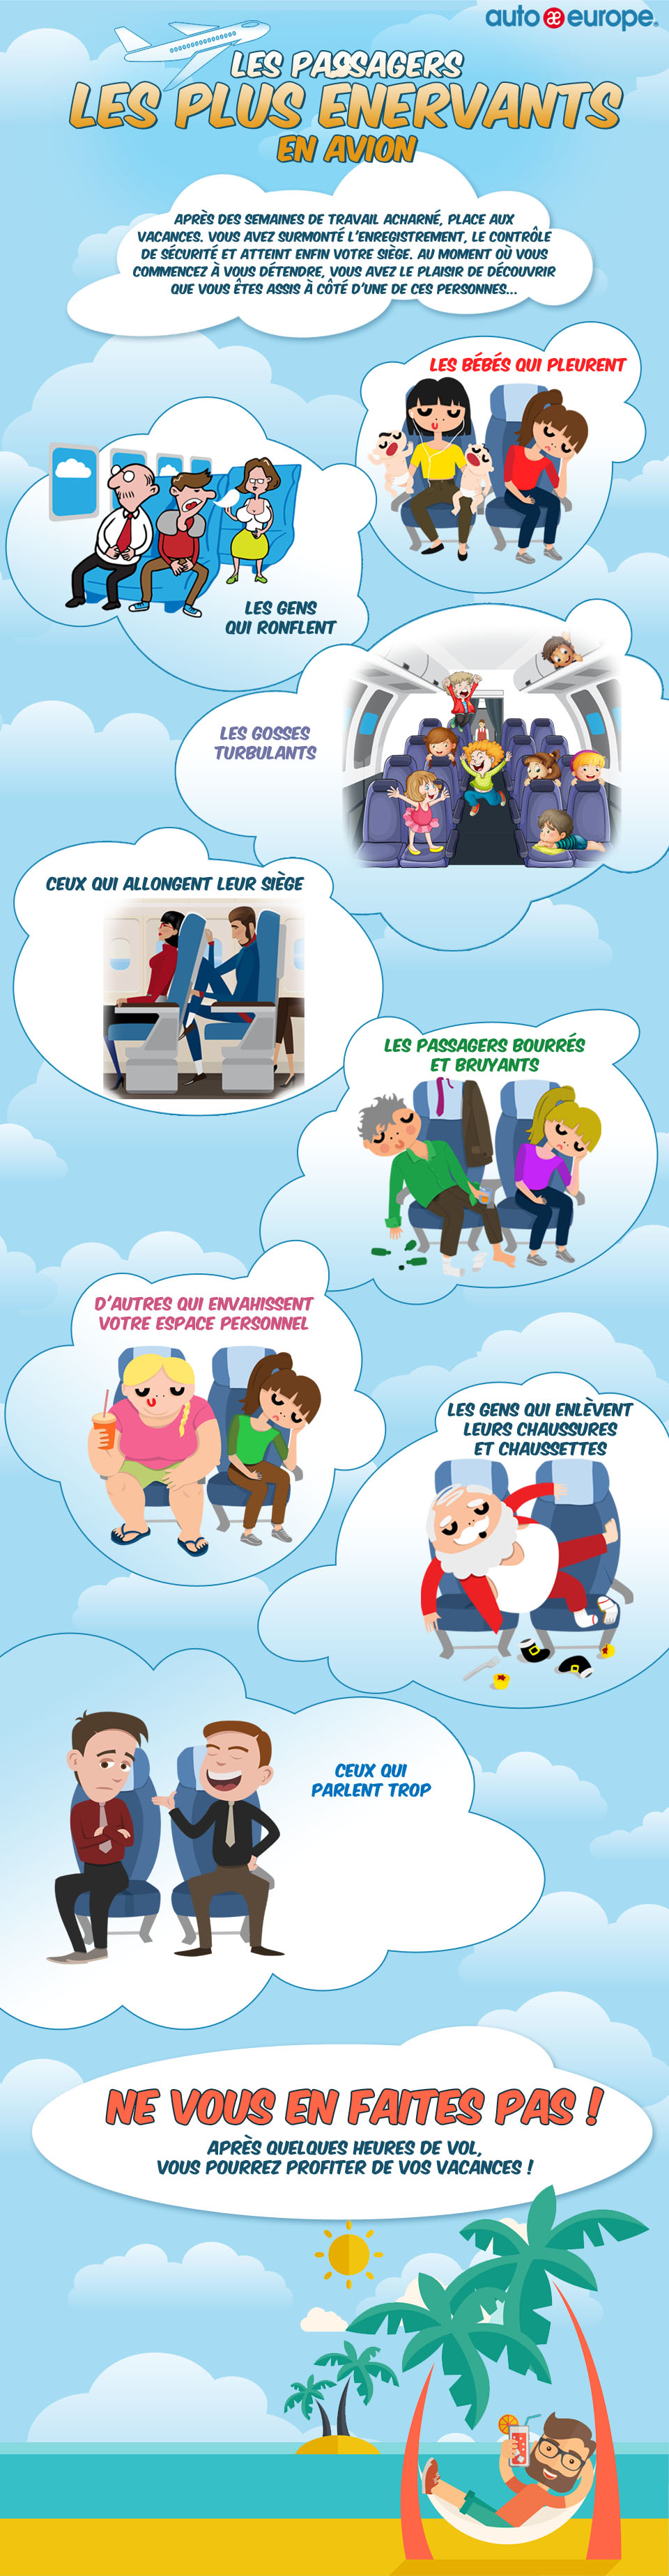 Les passagers en avion